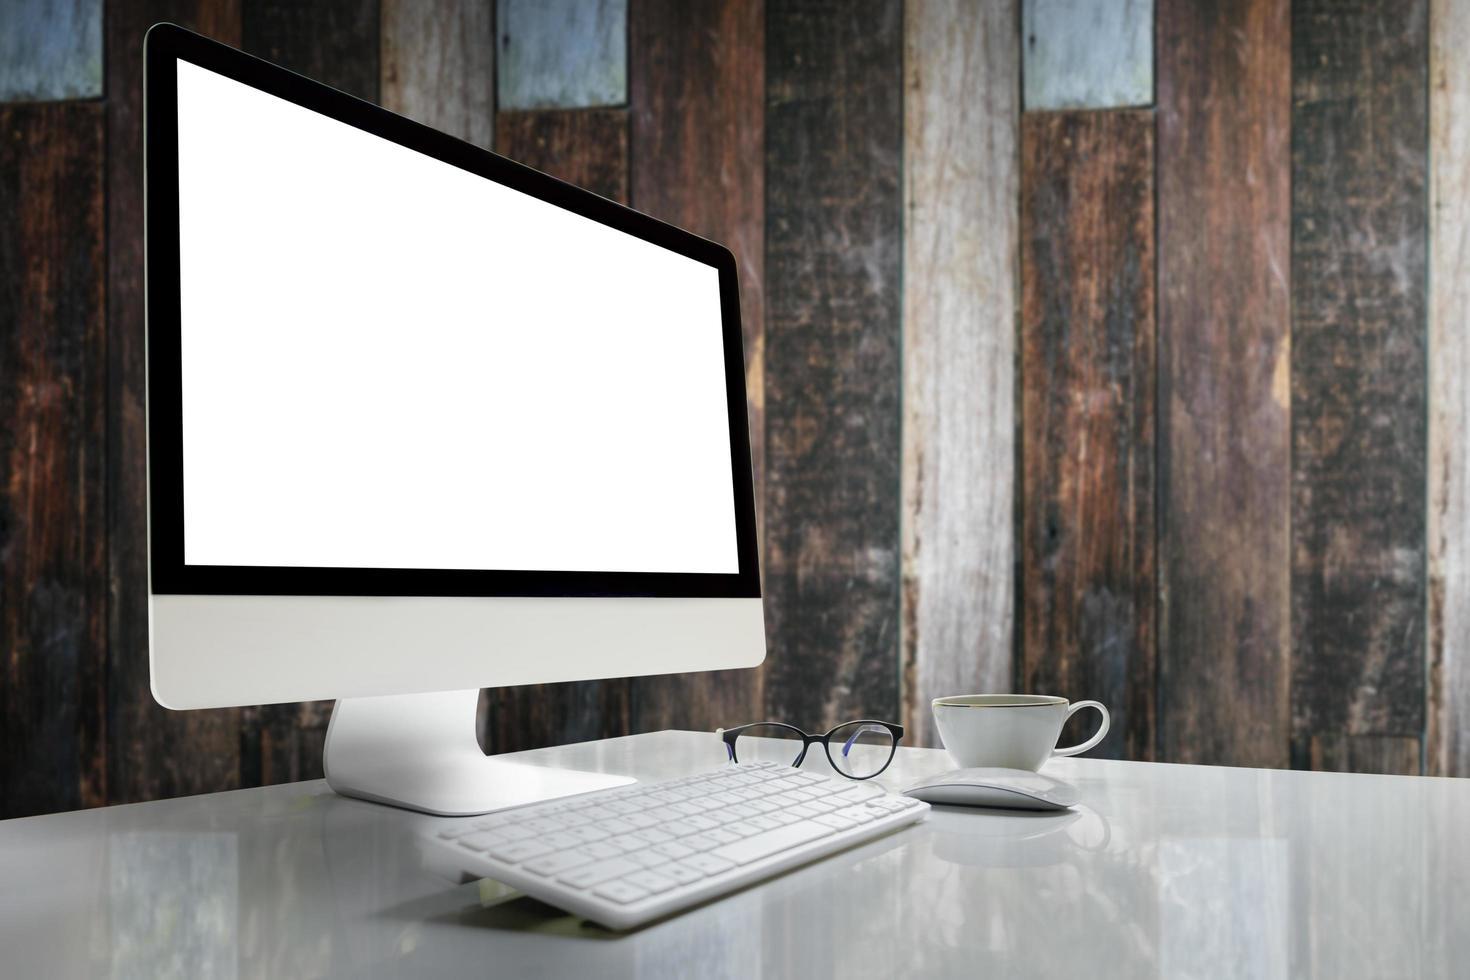 Computer mit leerem Bildschirm auf Tisch mit unscharfem Hintergrund foto